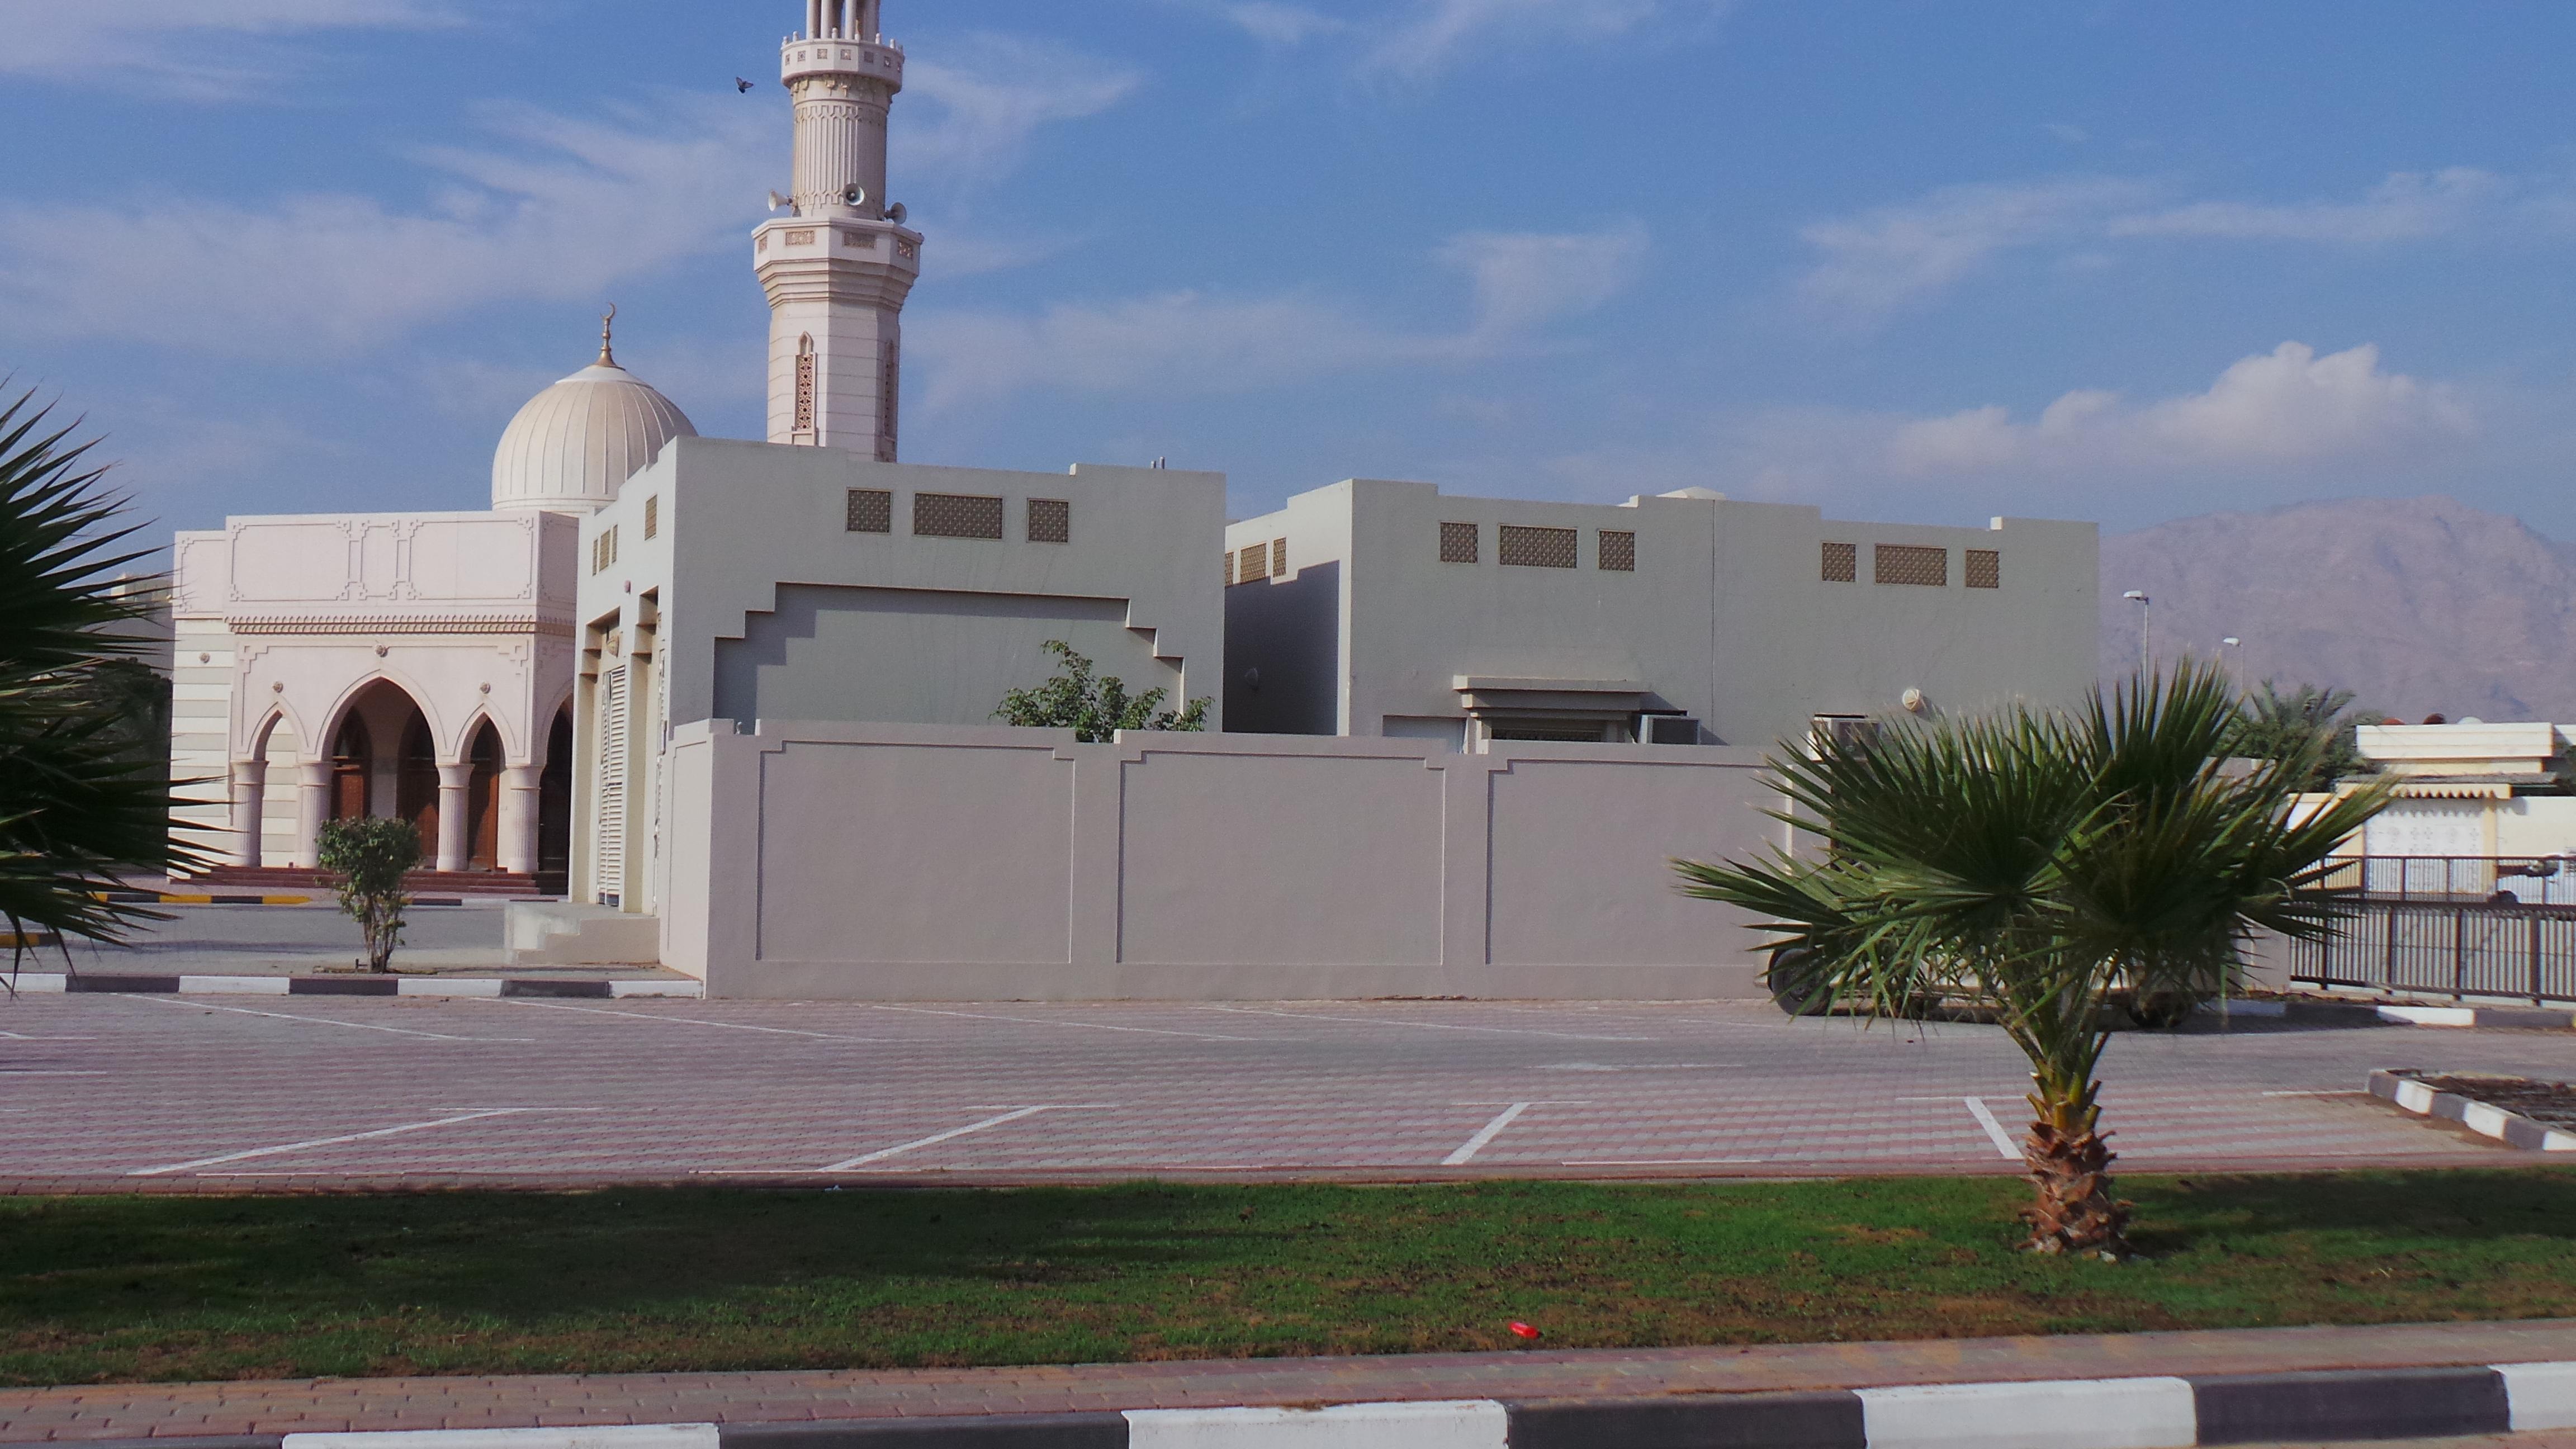 توسعة سكن إمامي مسجدين في دبا الحصن